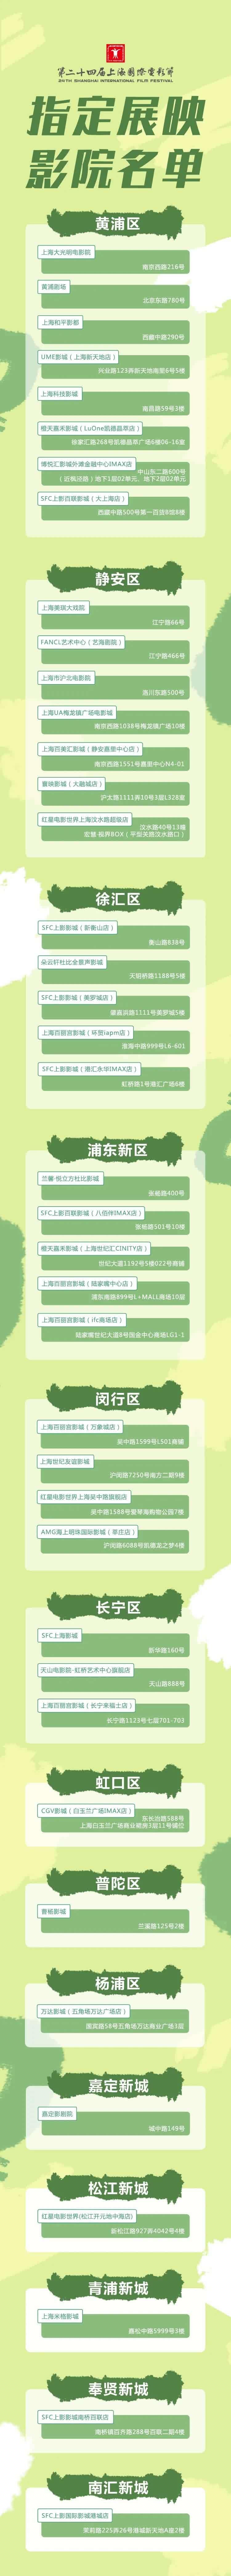 """第二十四届上海国际电影节展映影院揭晓,""""国歌唱响地""""黄浦剧场入选"""